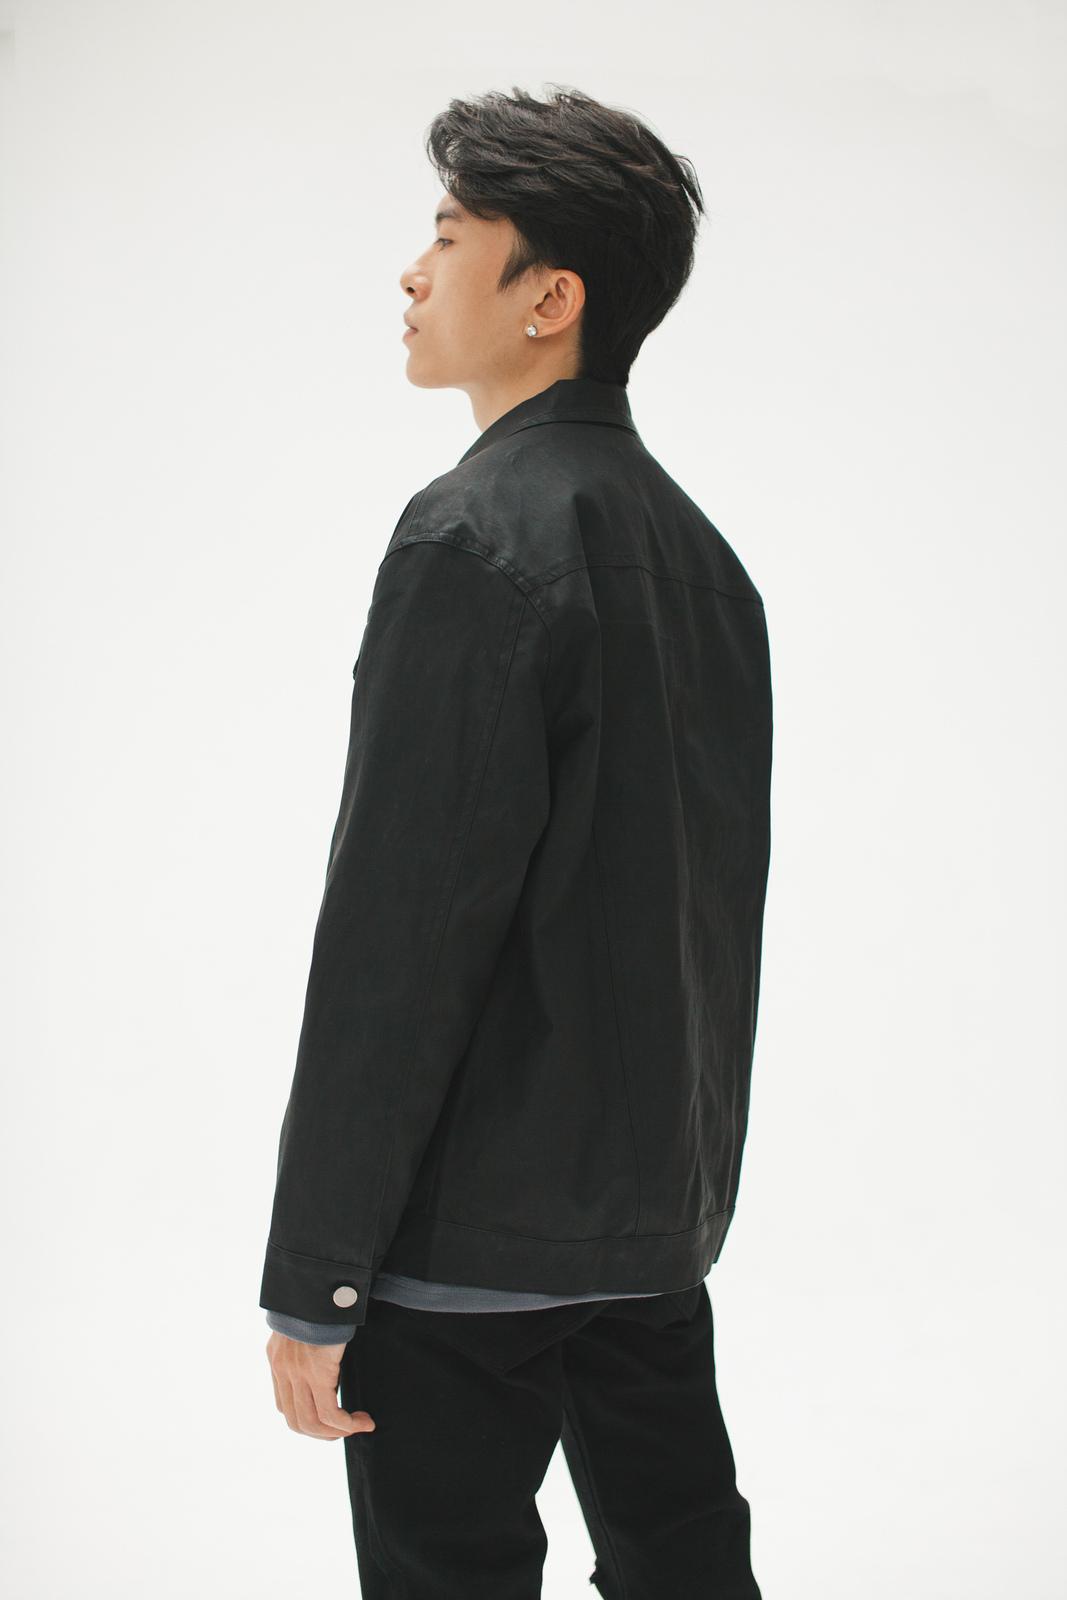 Look Coby Jacket